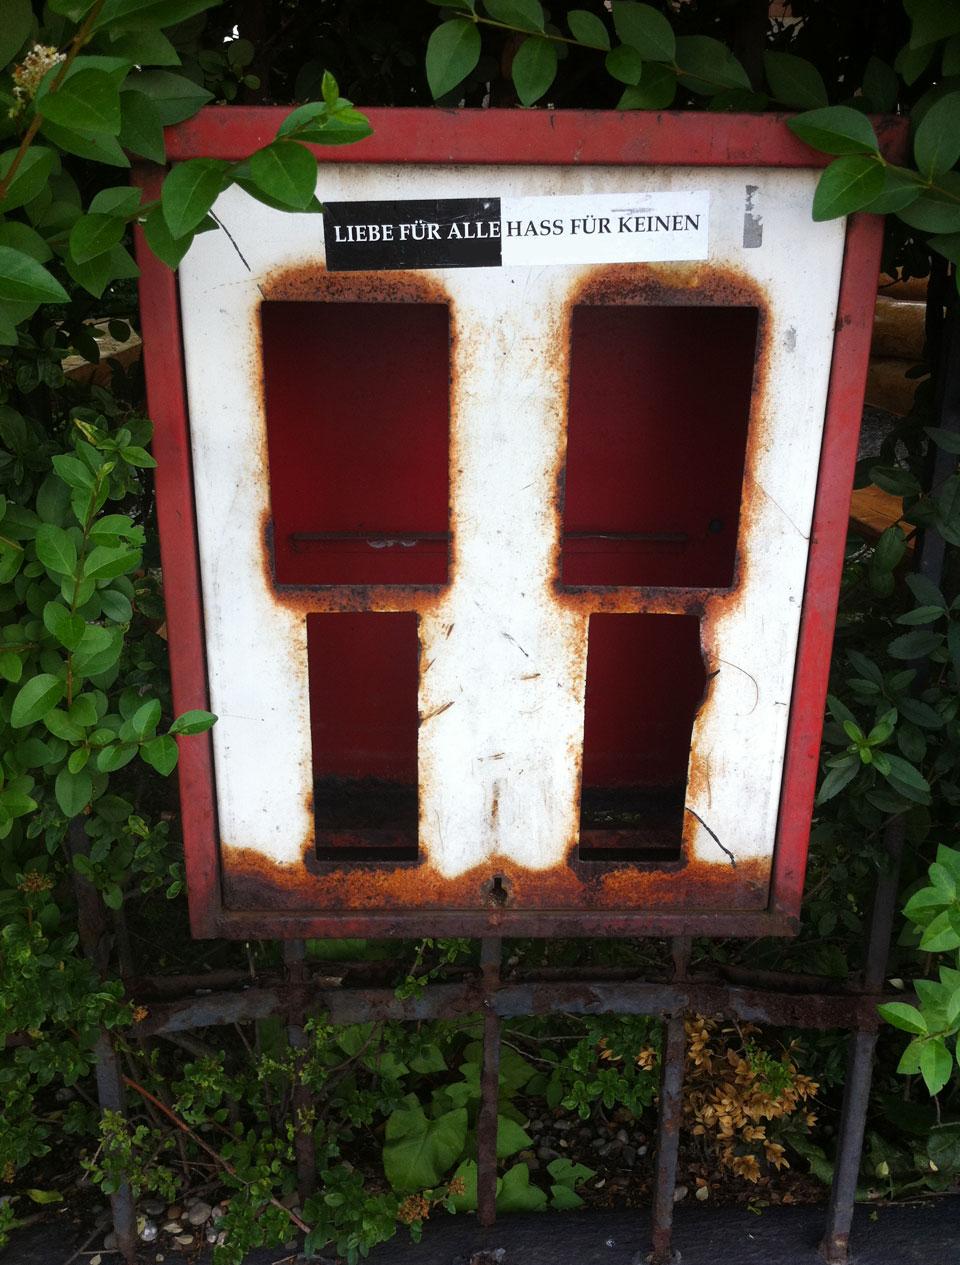 Leer und verlassen: Ein Kaugummiautomat in Frankfurt.